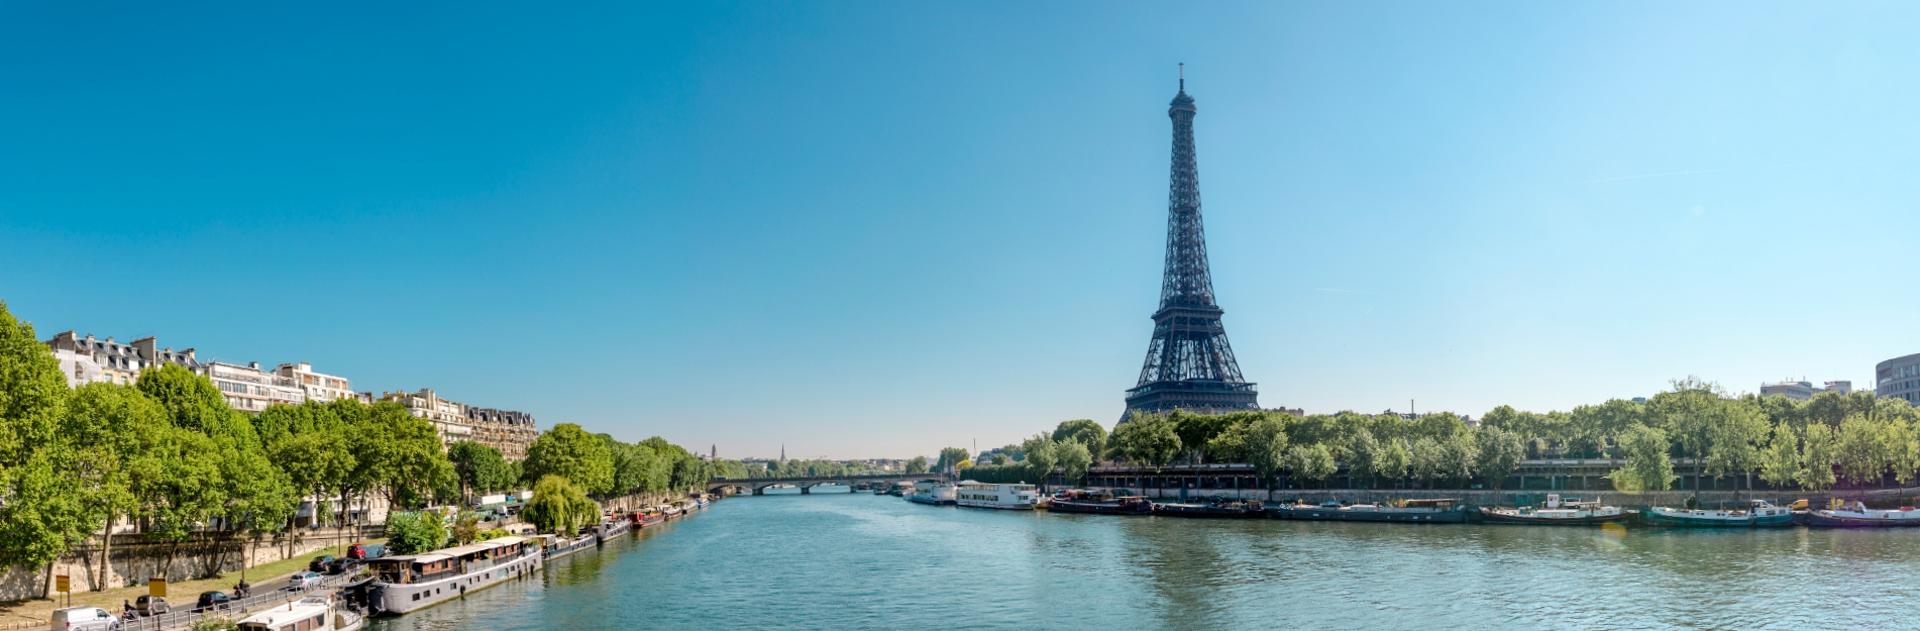 Der Eiffelturm und die Seine.